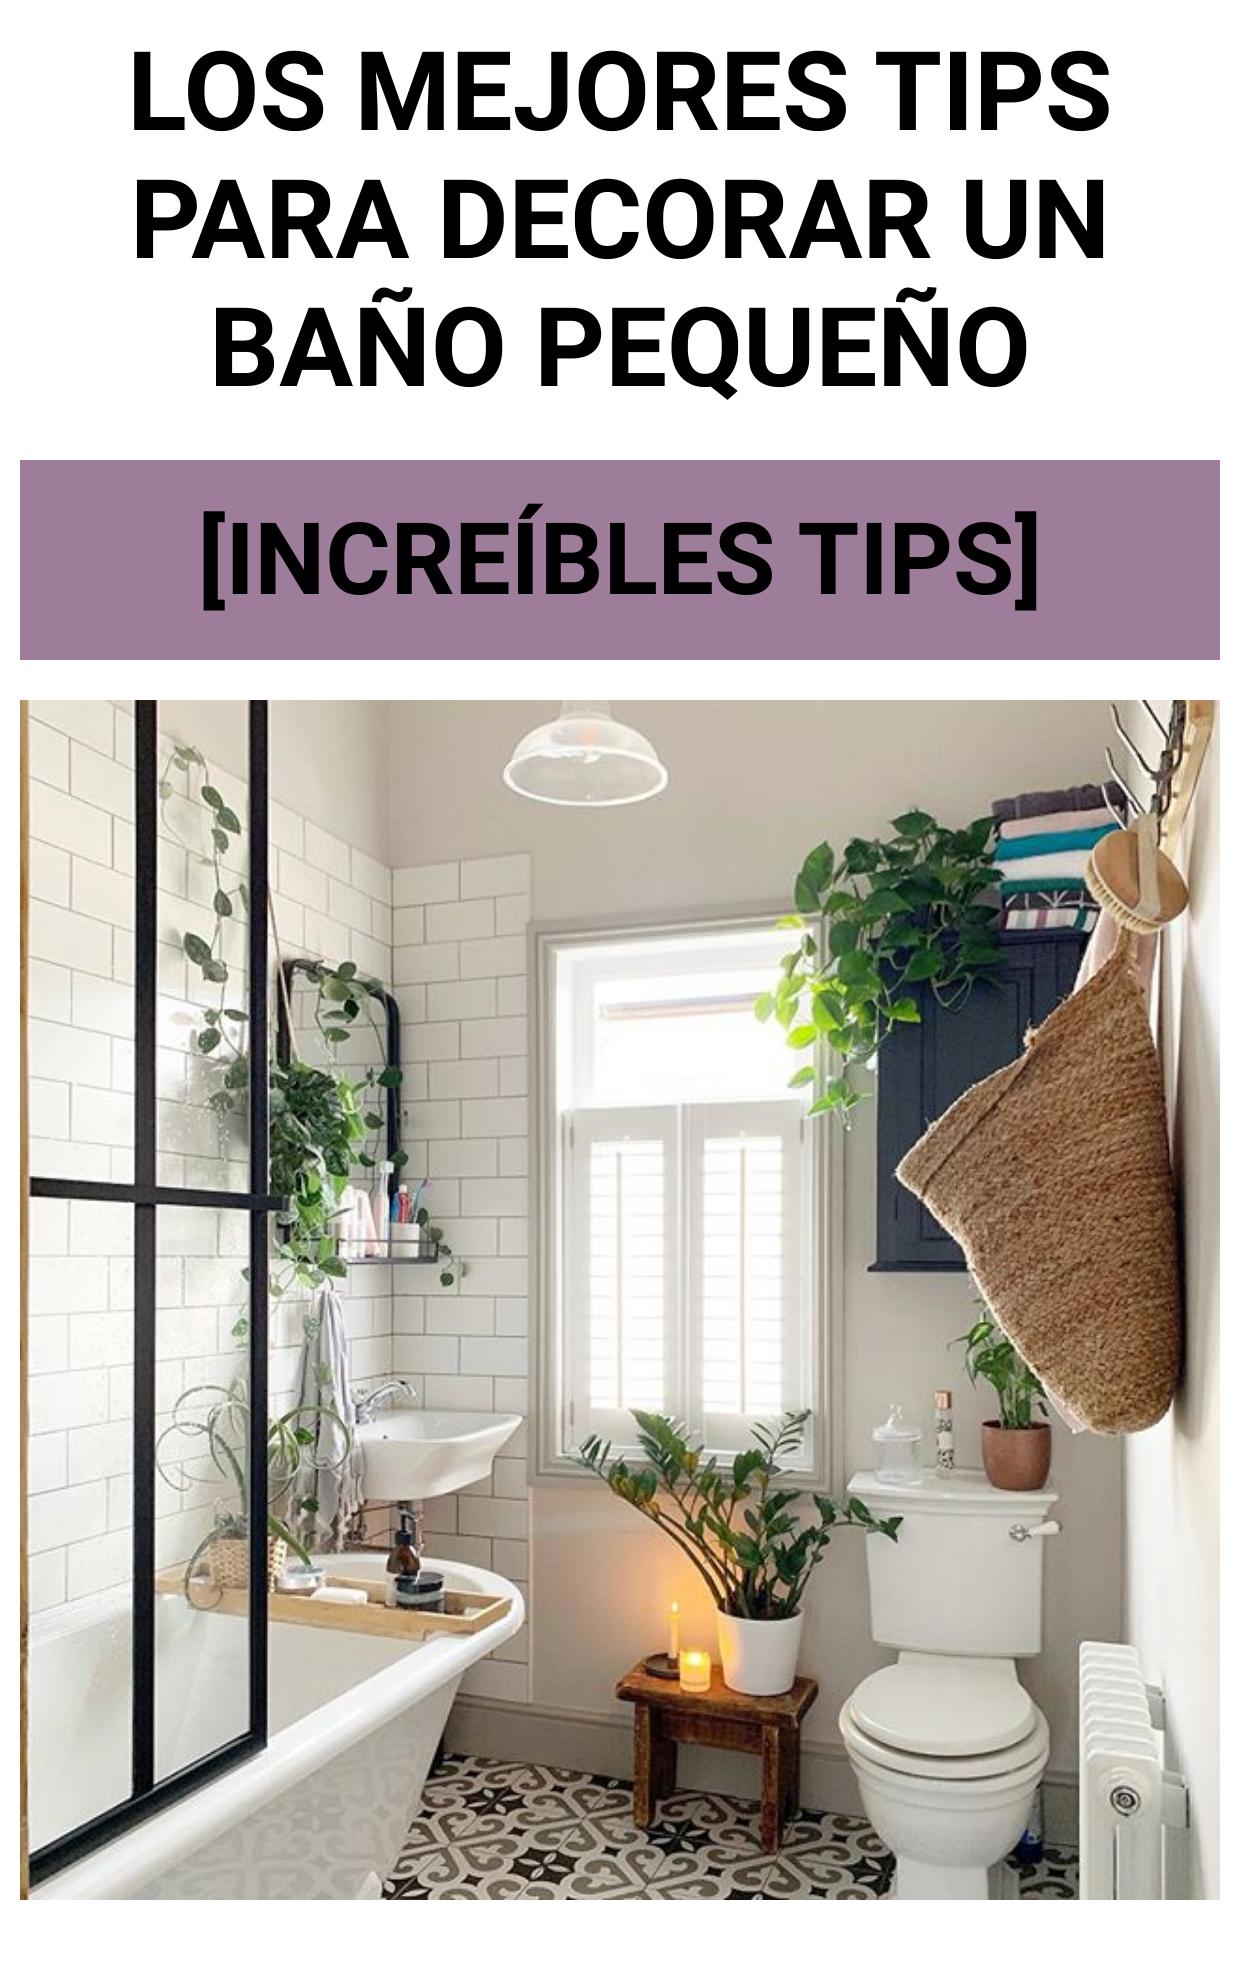 Los mejores TIPS para decorar un baño pequeño